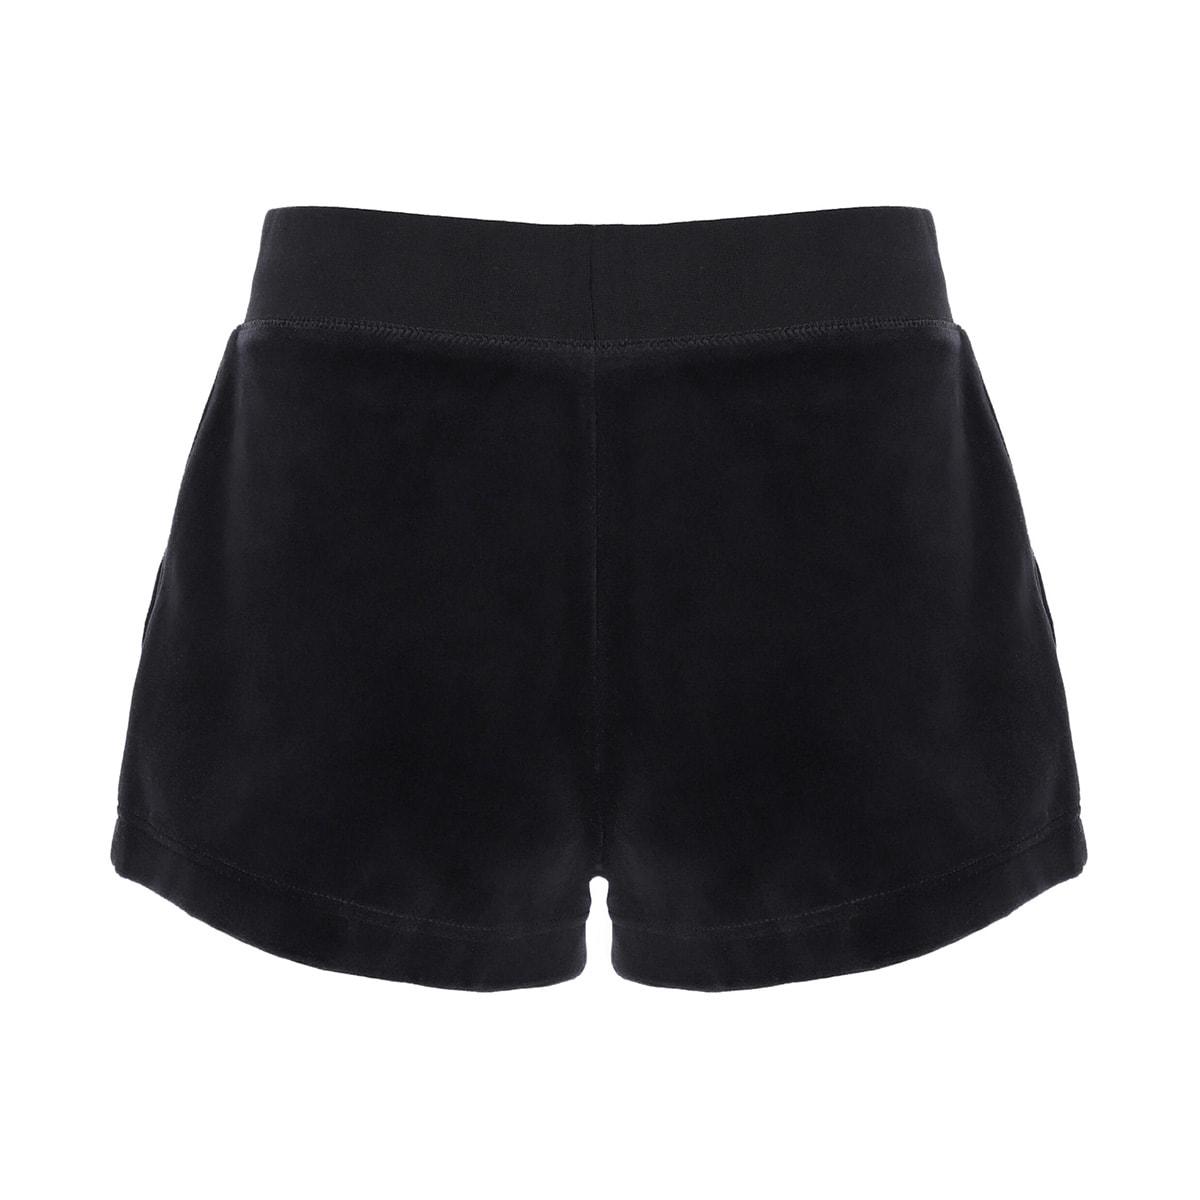 Juicy Couture - Shorts Eve Cotton Rich Black